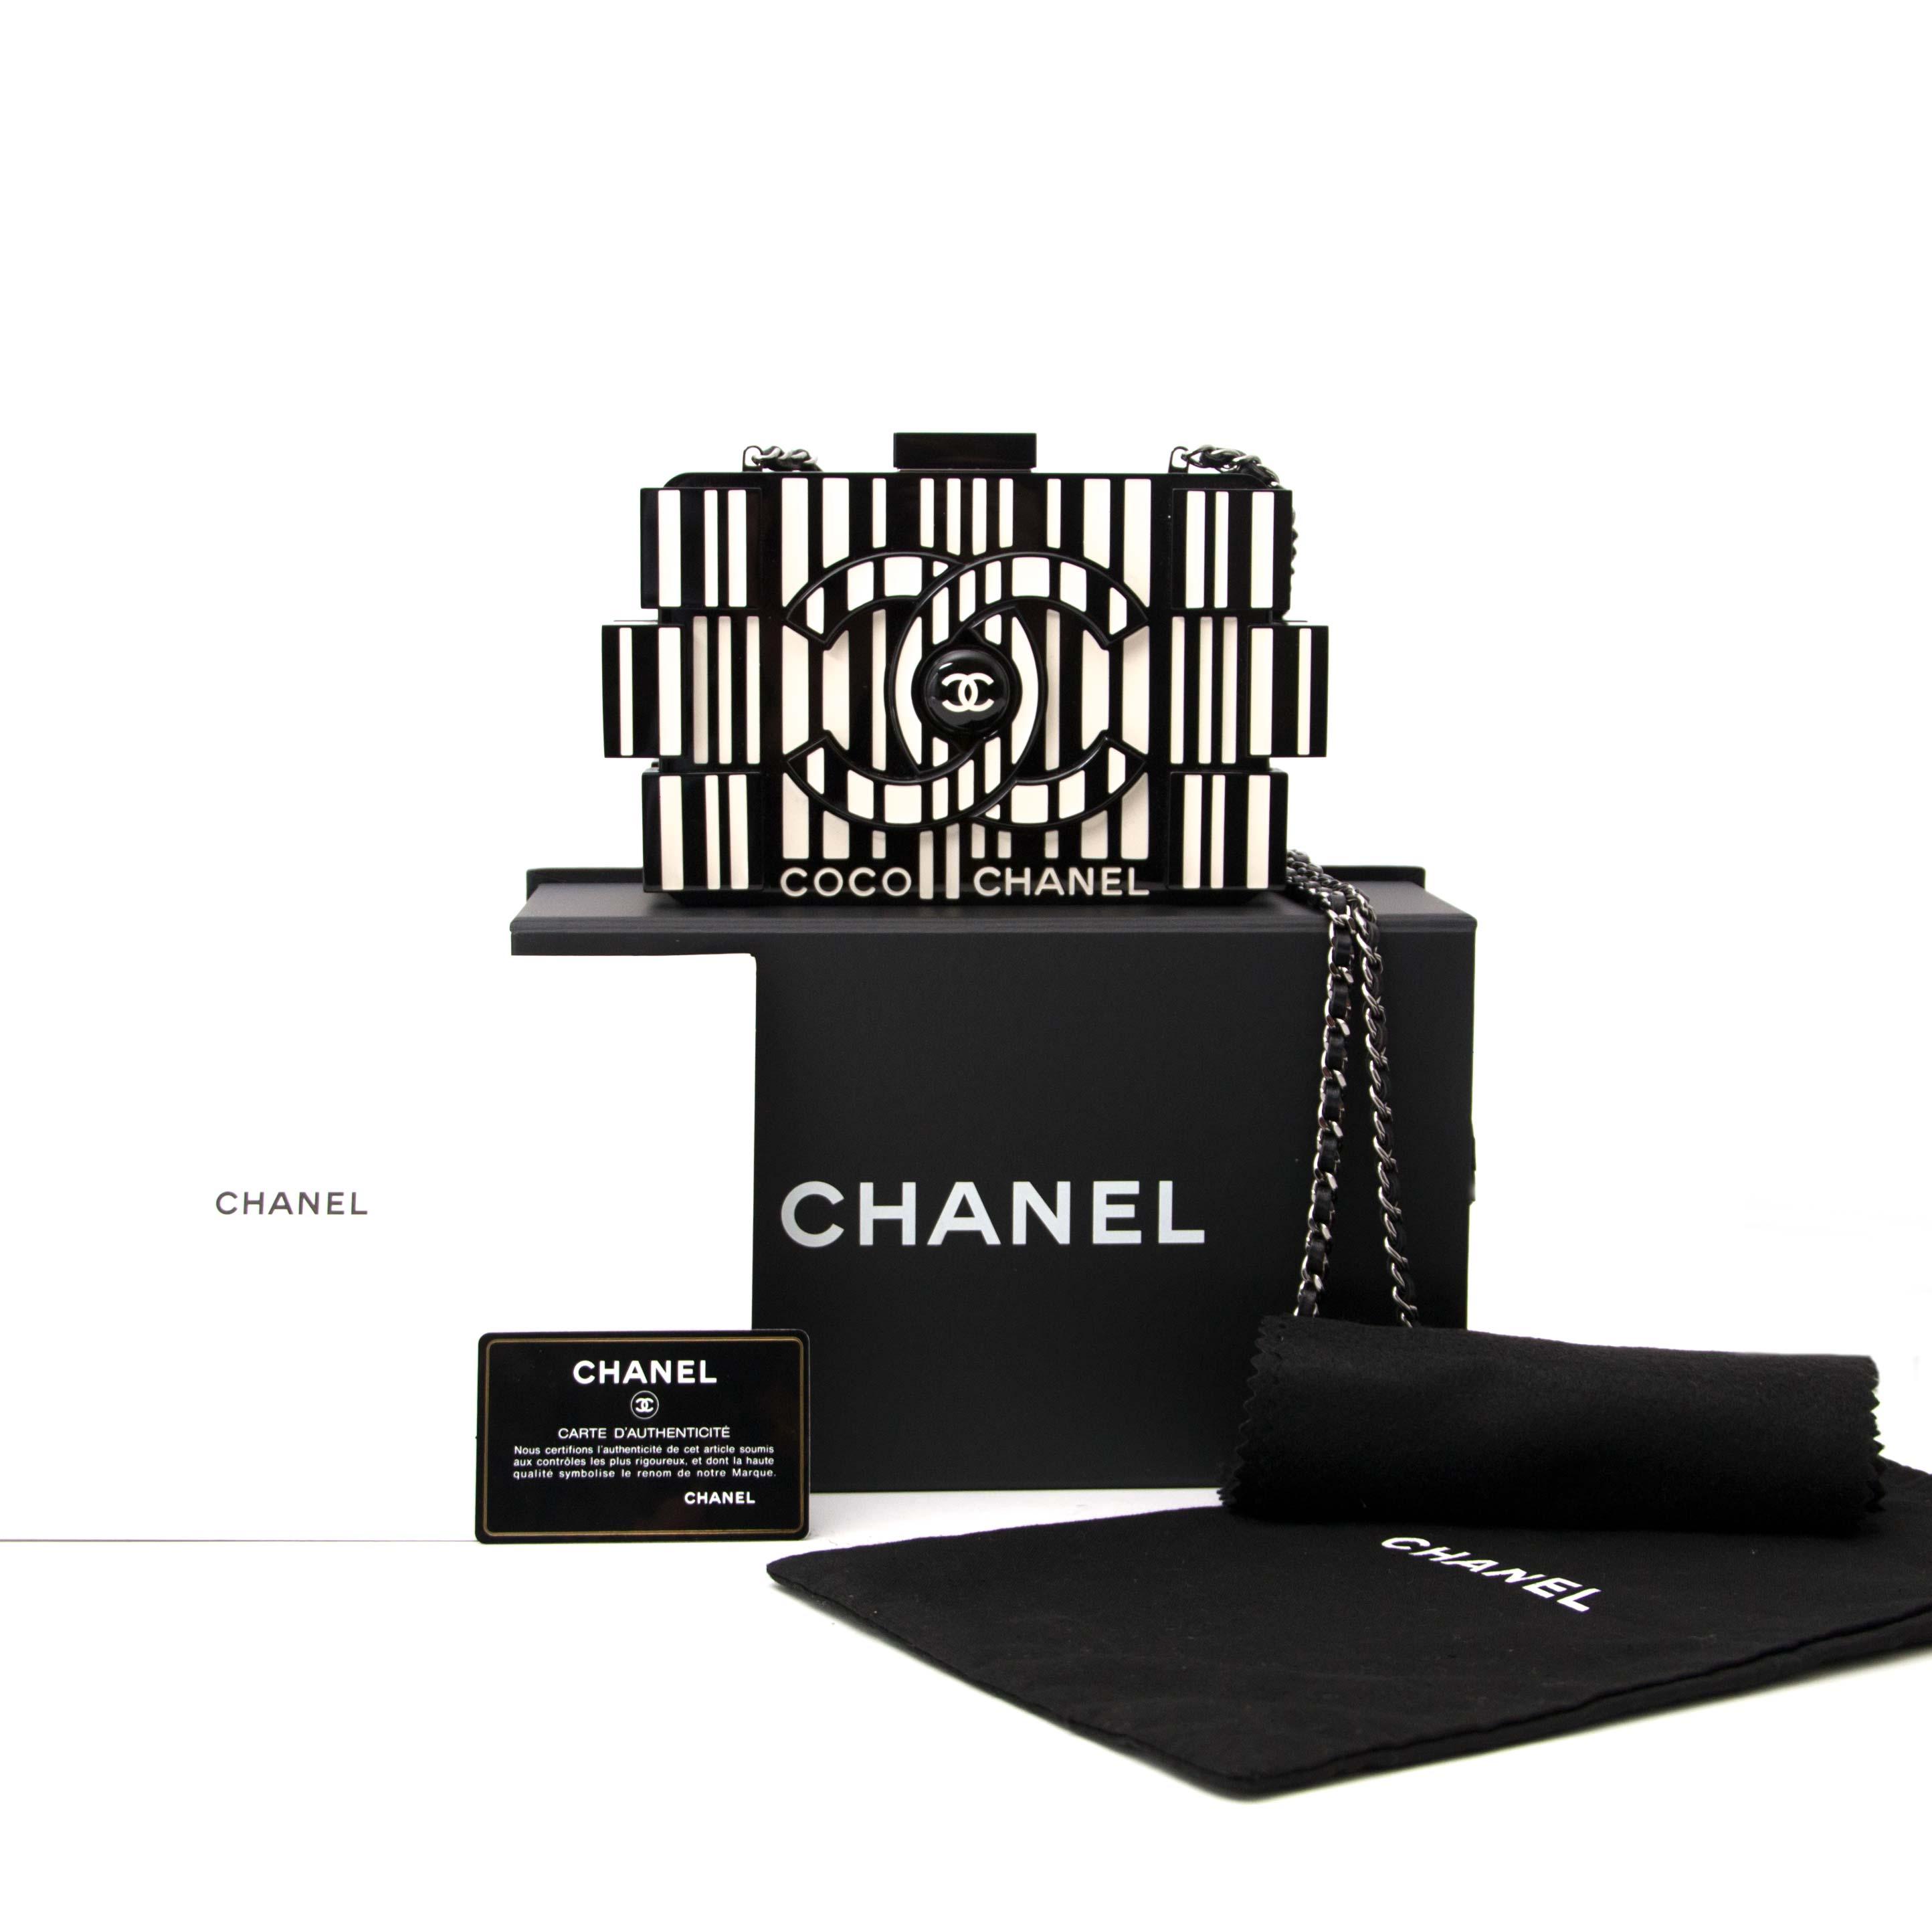 vindt deze exclusieve chanel zwart met witte clutch uit plexiglas nu bij labellov.com tegen de beste prijs